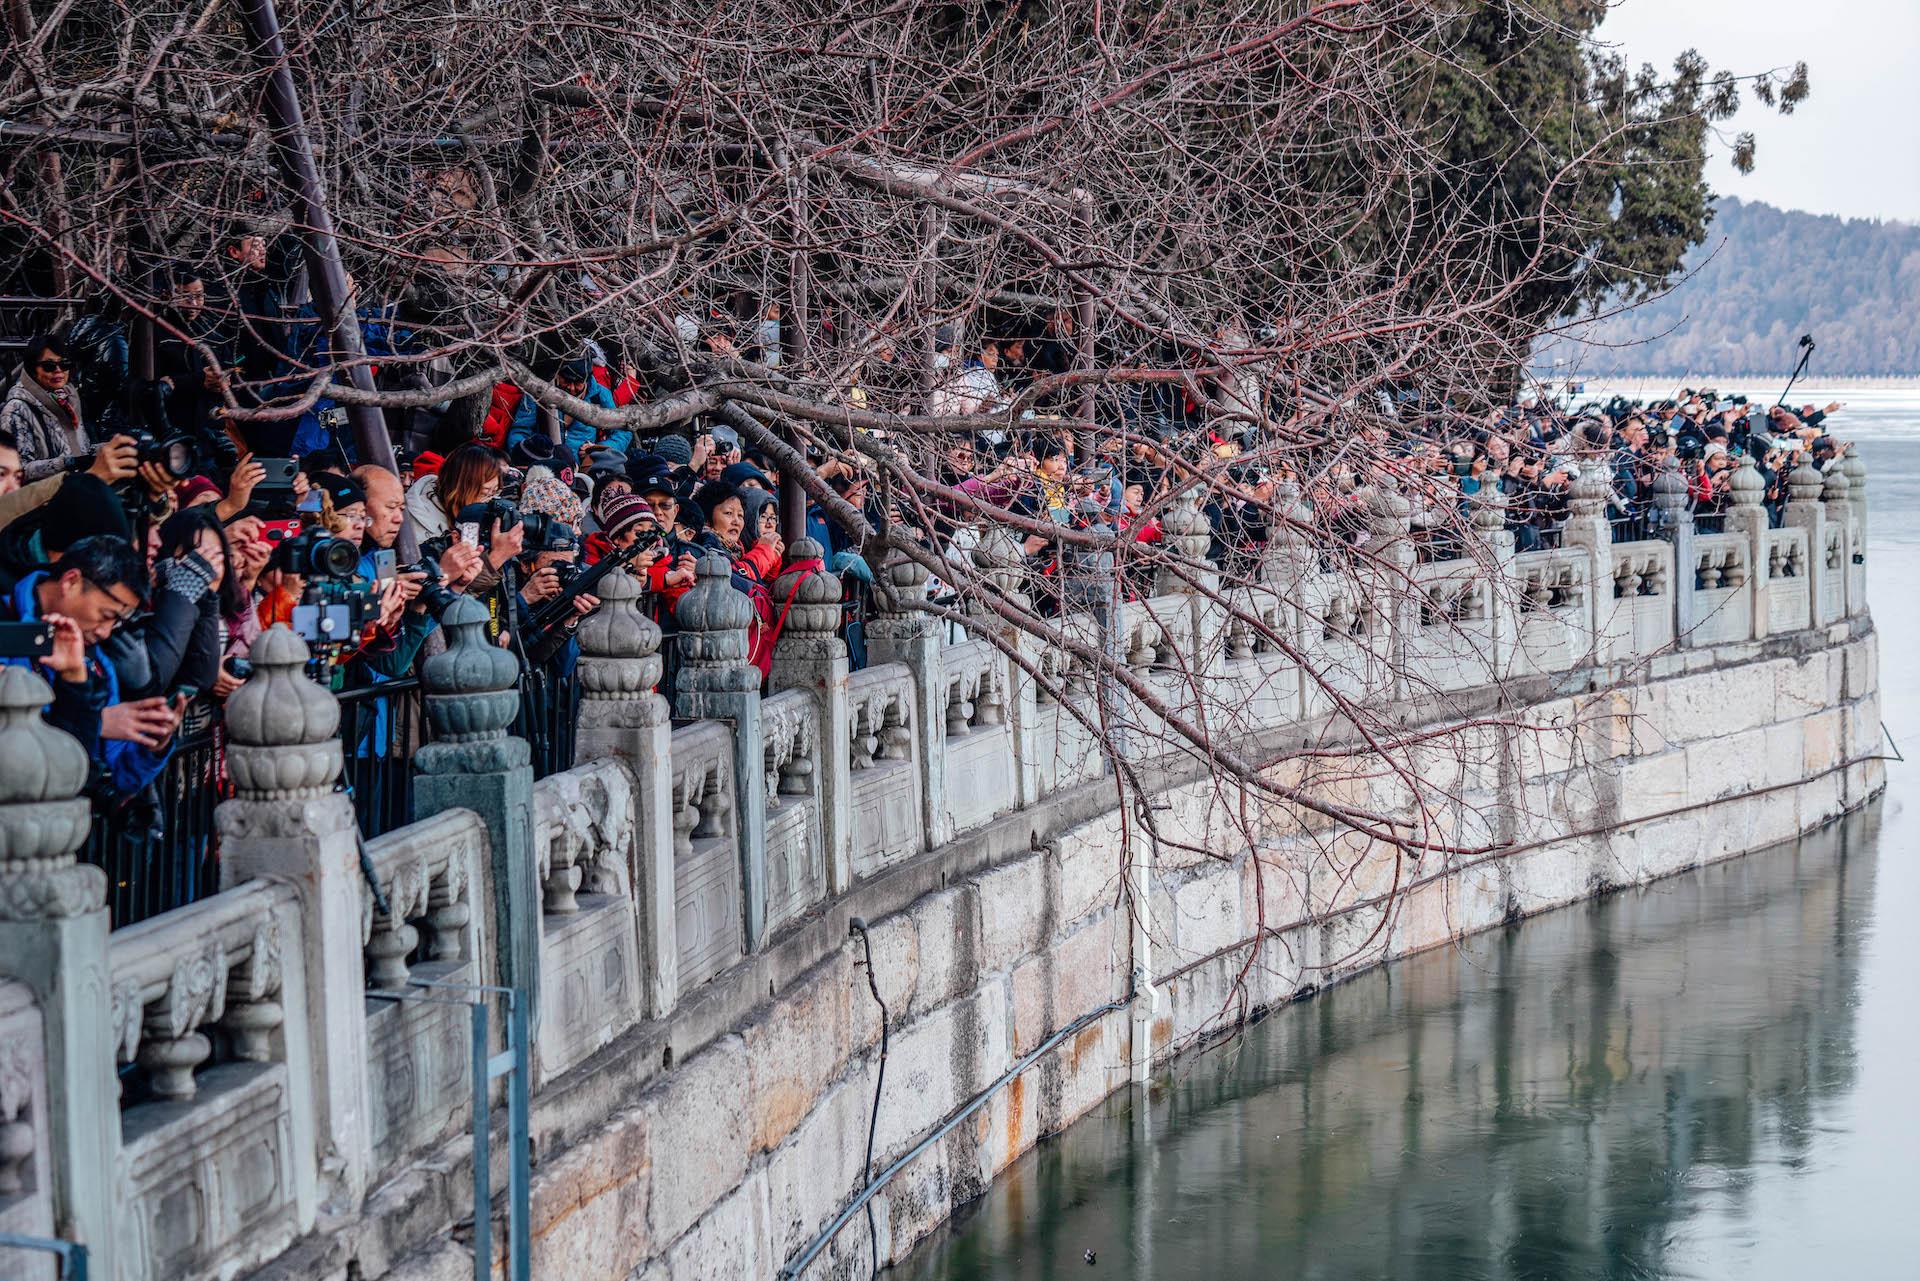 """冬至又至,颐和园十七孔桥再现""""金光穿洞"""",拍摄者人山人海"""